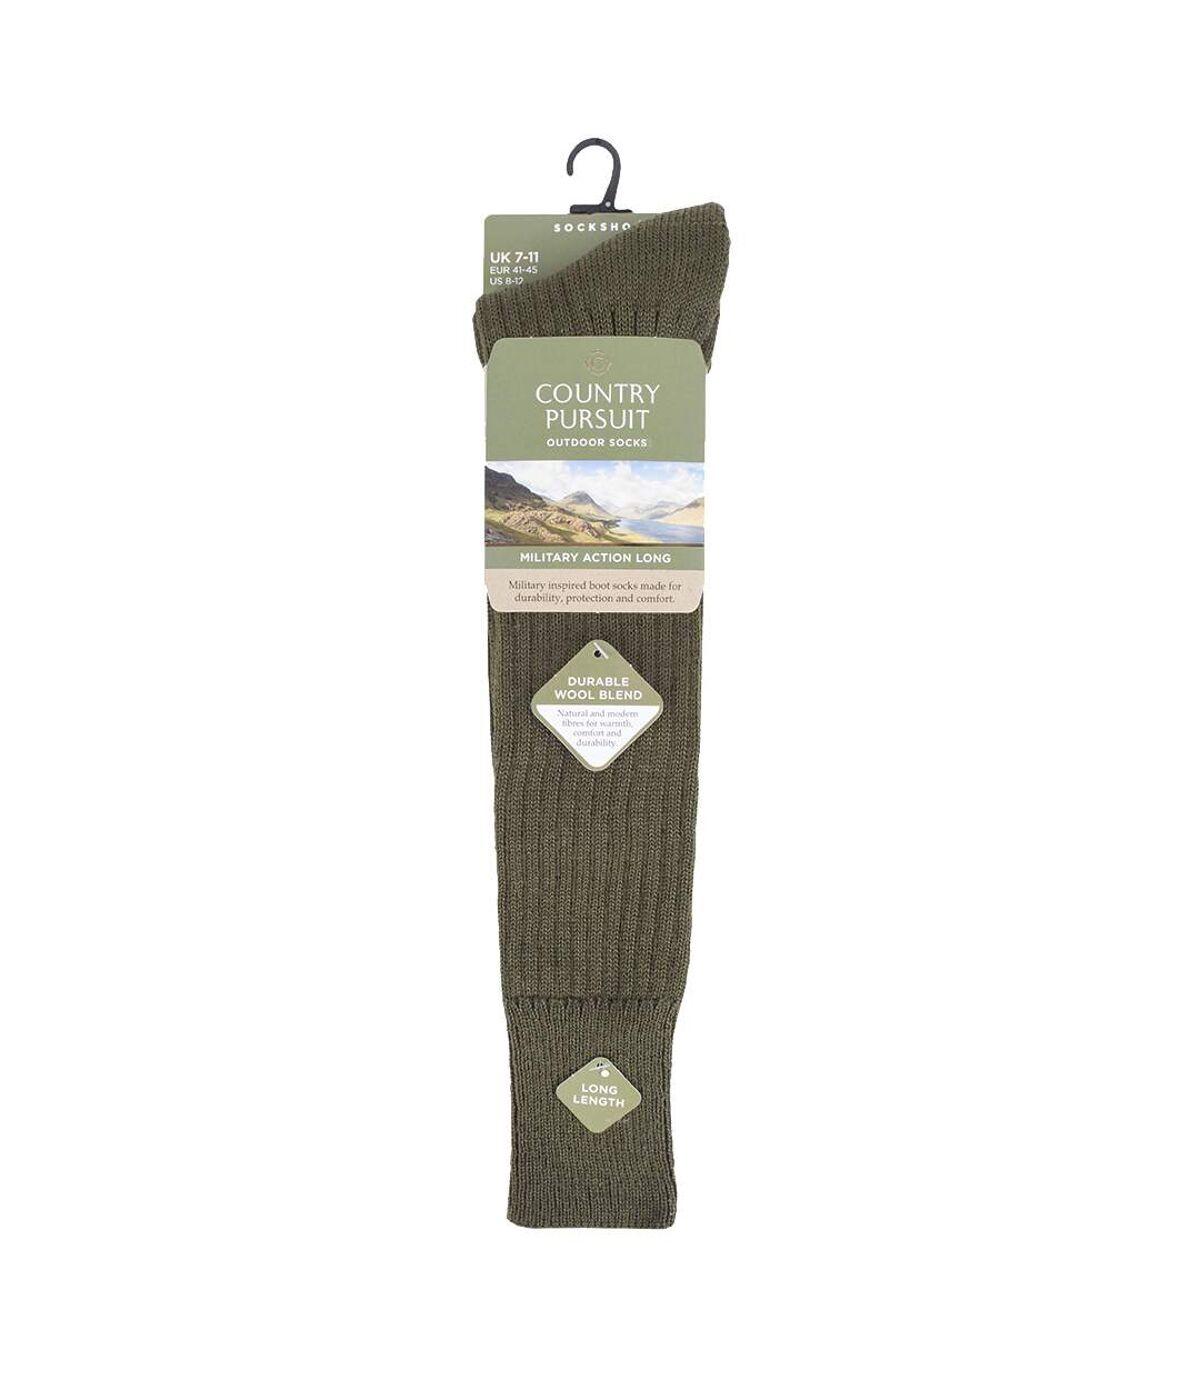 Mens Wool Military Action Knee High Walking Socks